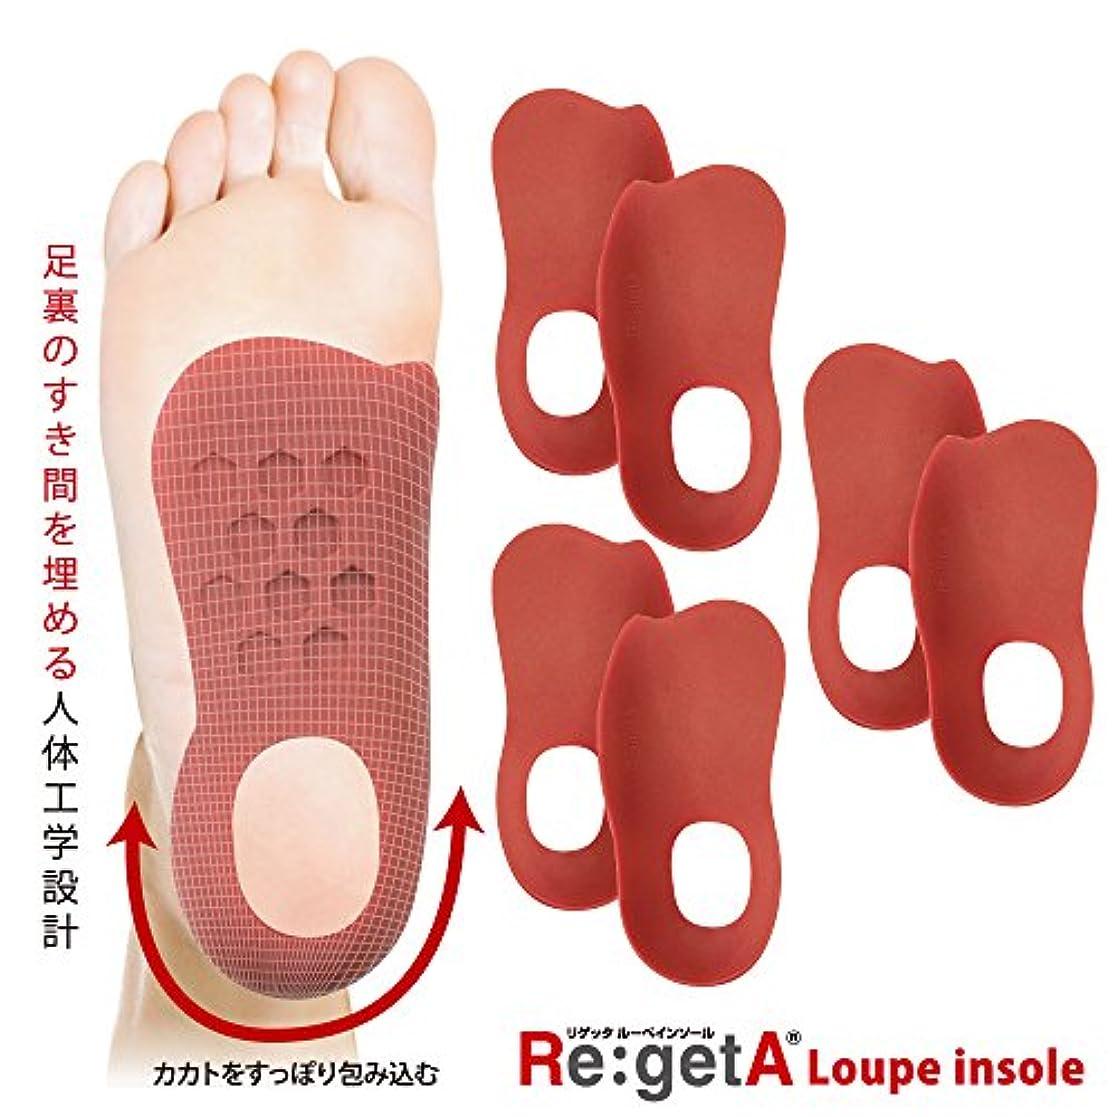 リゲッタ(Re:getA) ルーペインソール ロッソ 3足組 メンズサイズ 25.0-28.0cm対応